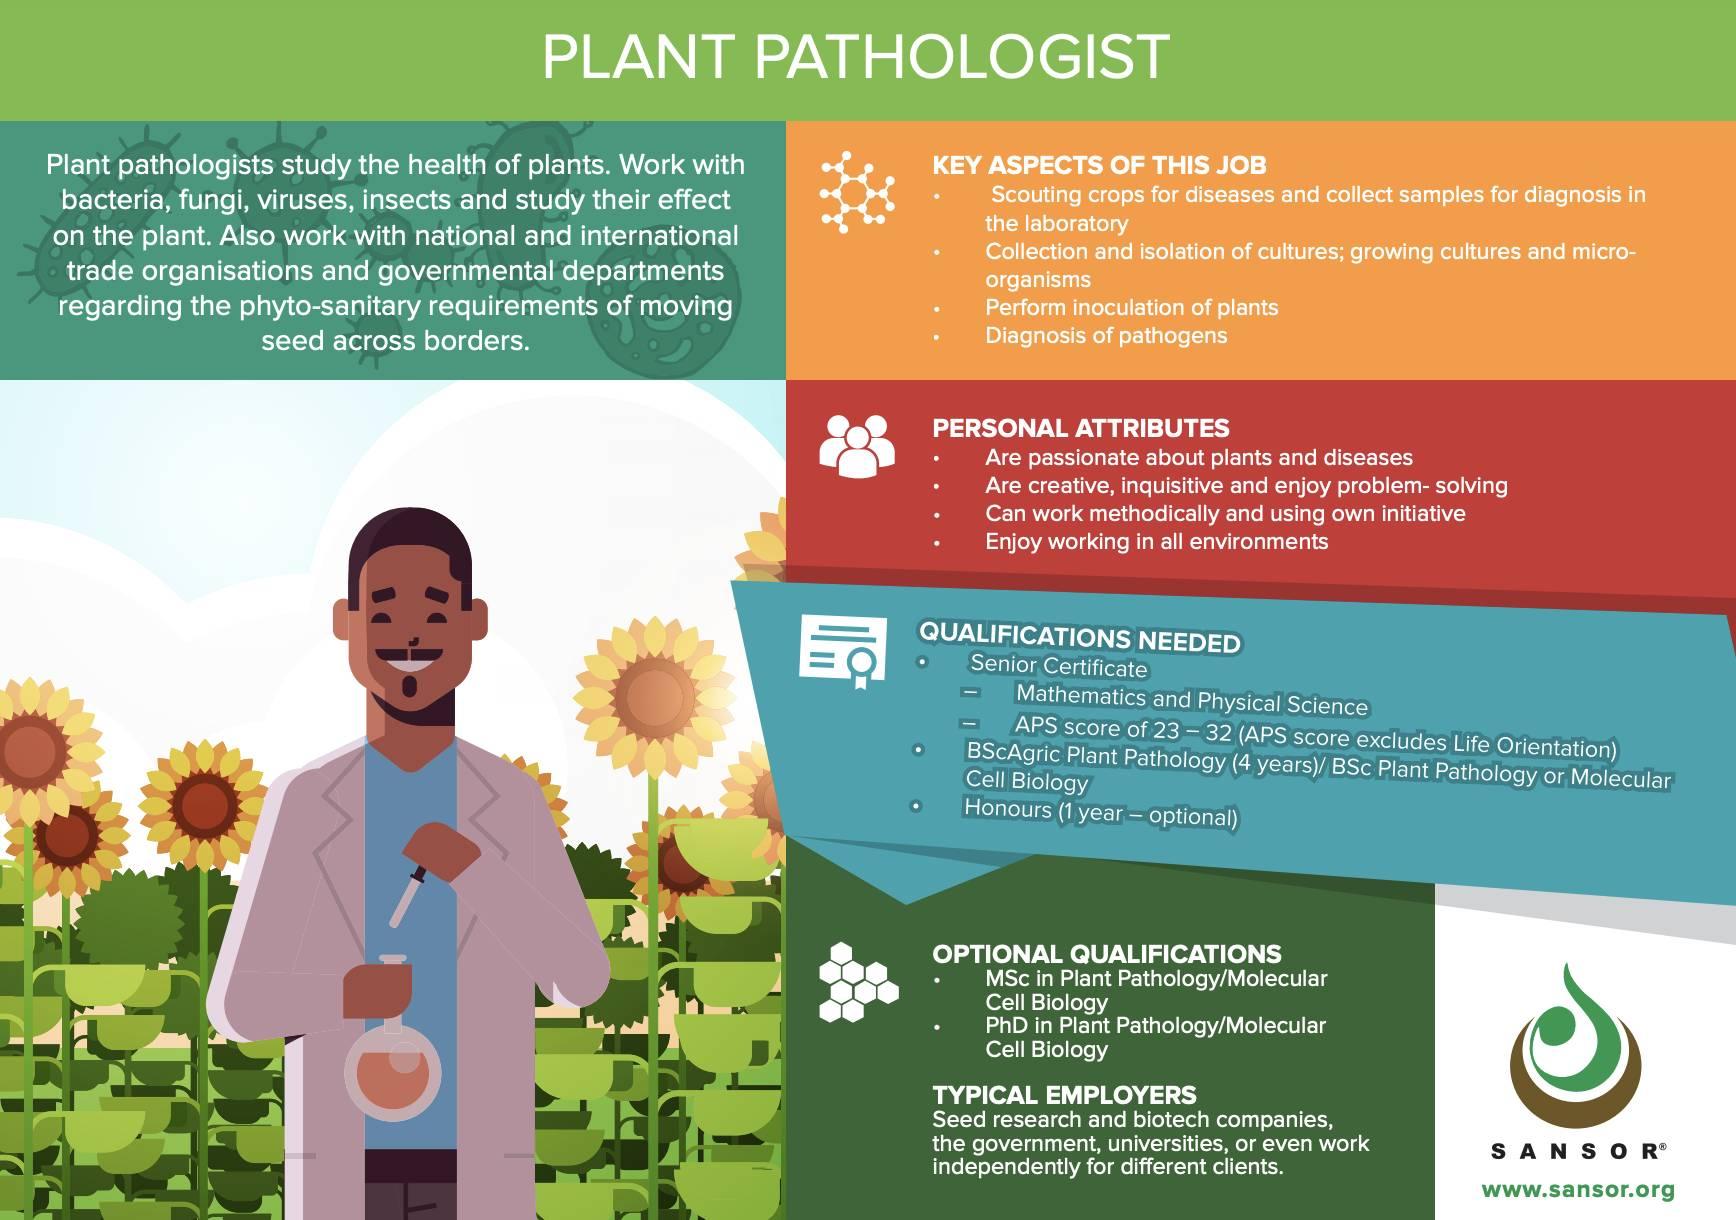 SANSOR - Plant Pathologist